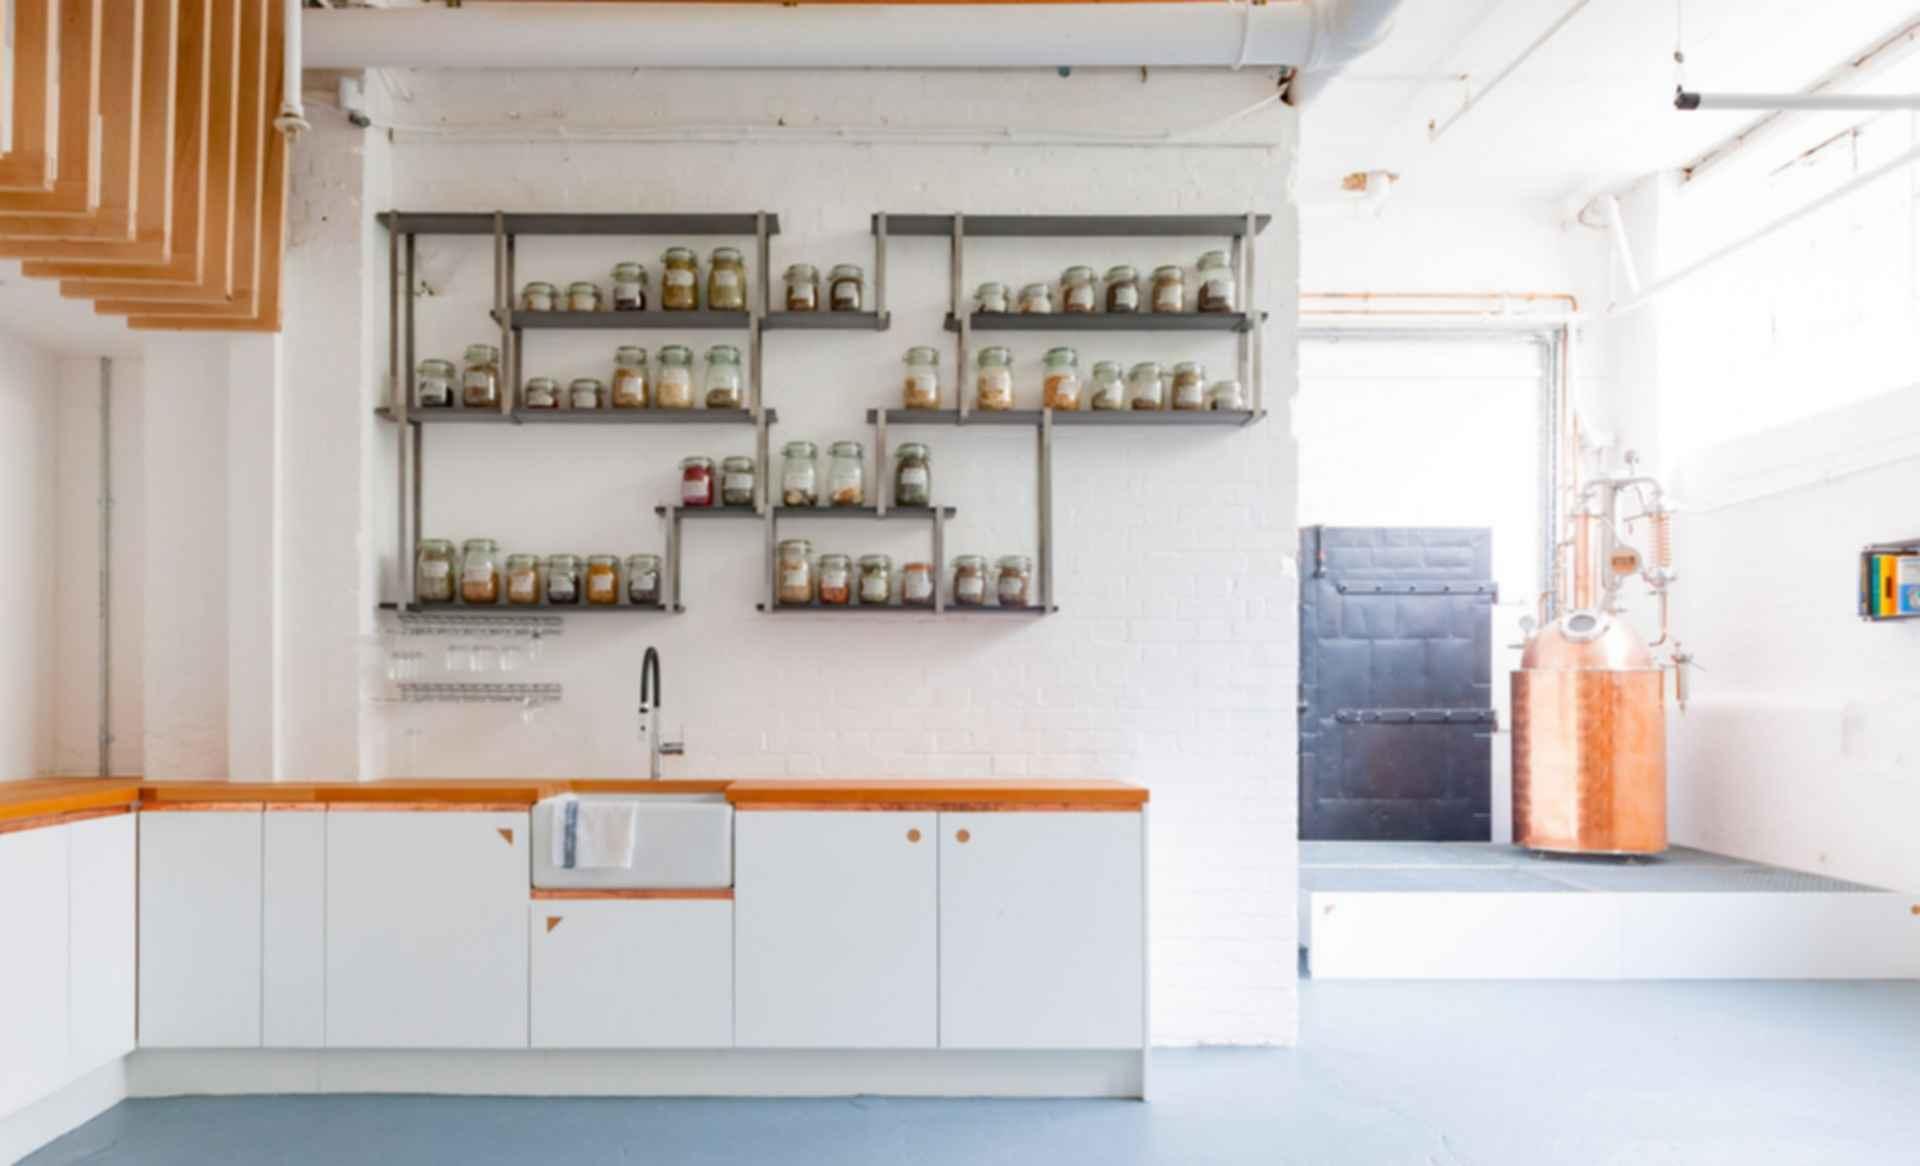 Sweetdram Workshop - interior kitchen